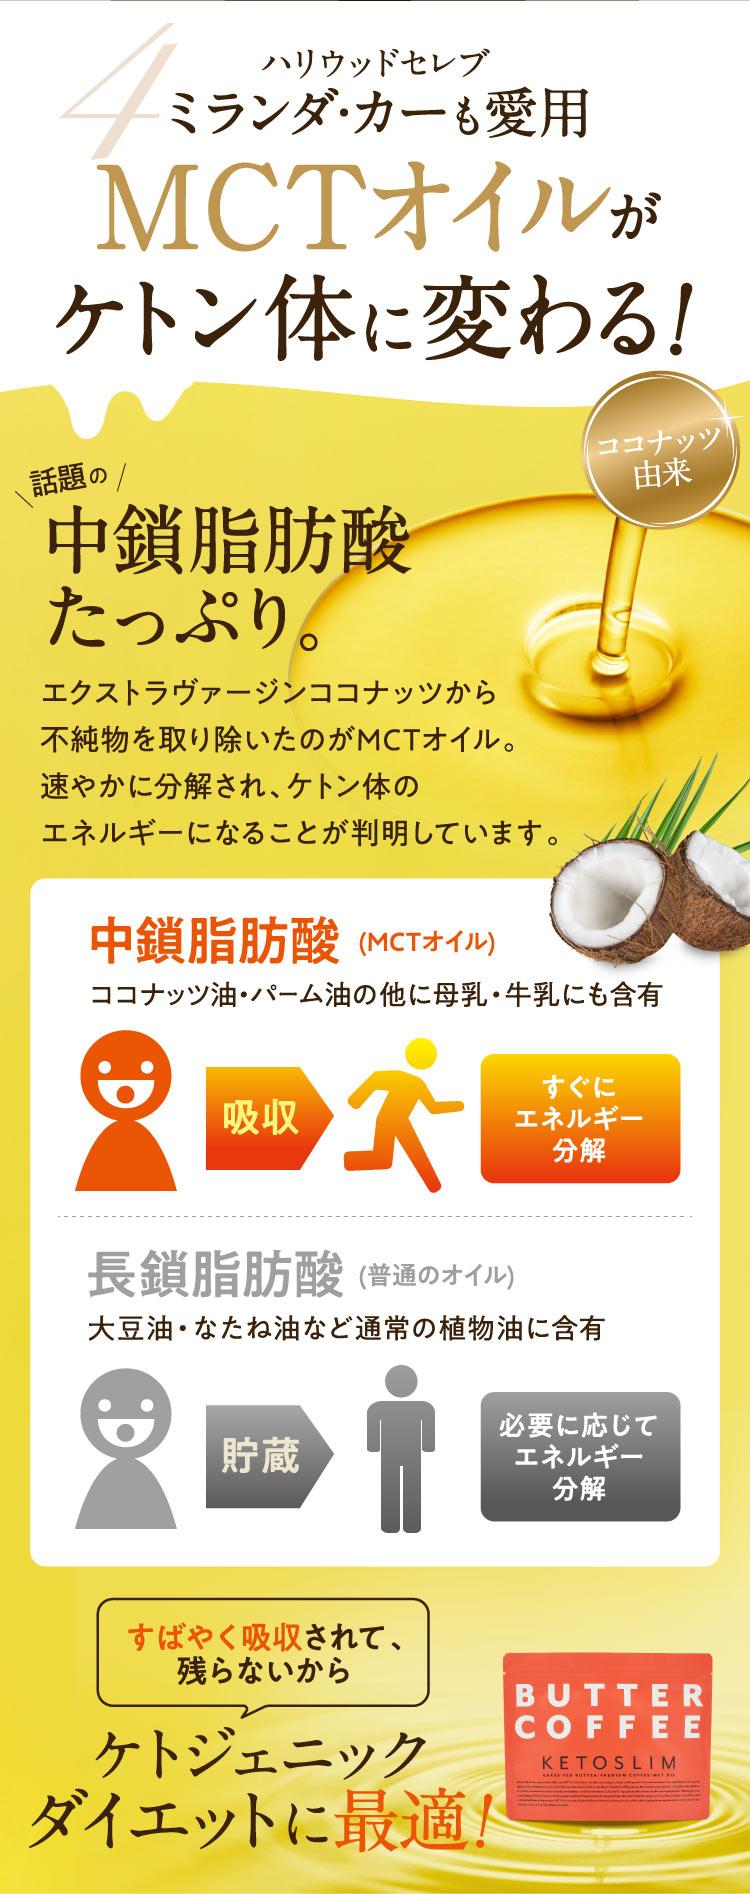 4.ハリウッドセレブ ミランダ・カーも愛用。MCTオイルがケトン体に変わる!/話題の中鎖脂肪酸たっぷり。エクストラヴァージンココナッツから不純物を取り除いたのがMCTオイル。速やかに分解され、ケトン体のエネルギーになることが判明しています。■中鎖脂肪酸(MCTオイル)ココナッツ油・パーム油の他に母乳・牛乳にも含有。吸収してすぐにエネルギーに分解します。■長鎖脂肪酸(普通のオイル)は大豆油・なたね油など通常の植物油に含有。体に貯蔵して必要に応じてエネルギー分解します。/すばやく吸収されて、残らないからケトジェニックダイエットに最適!